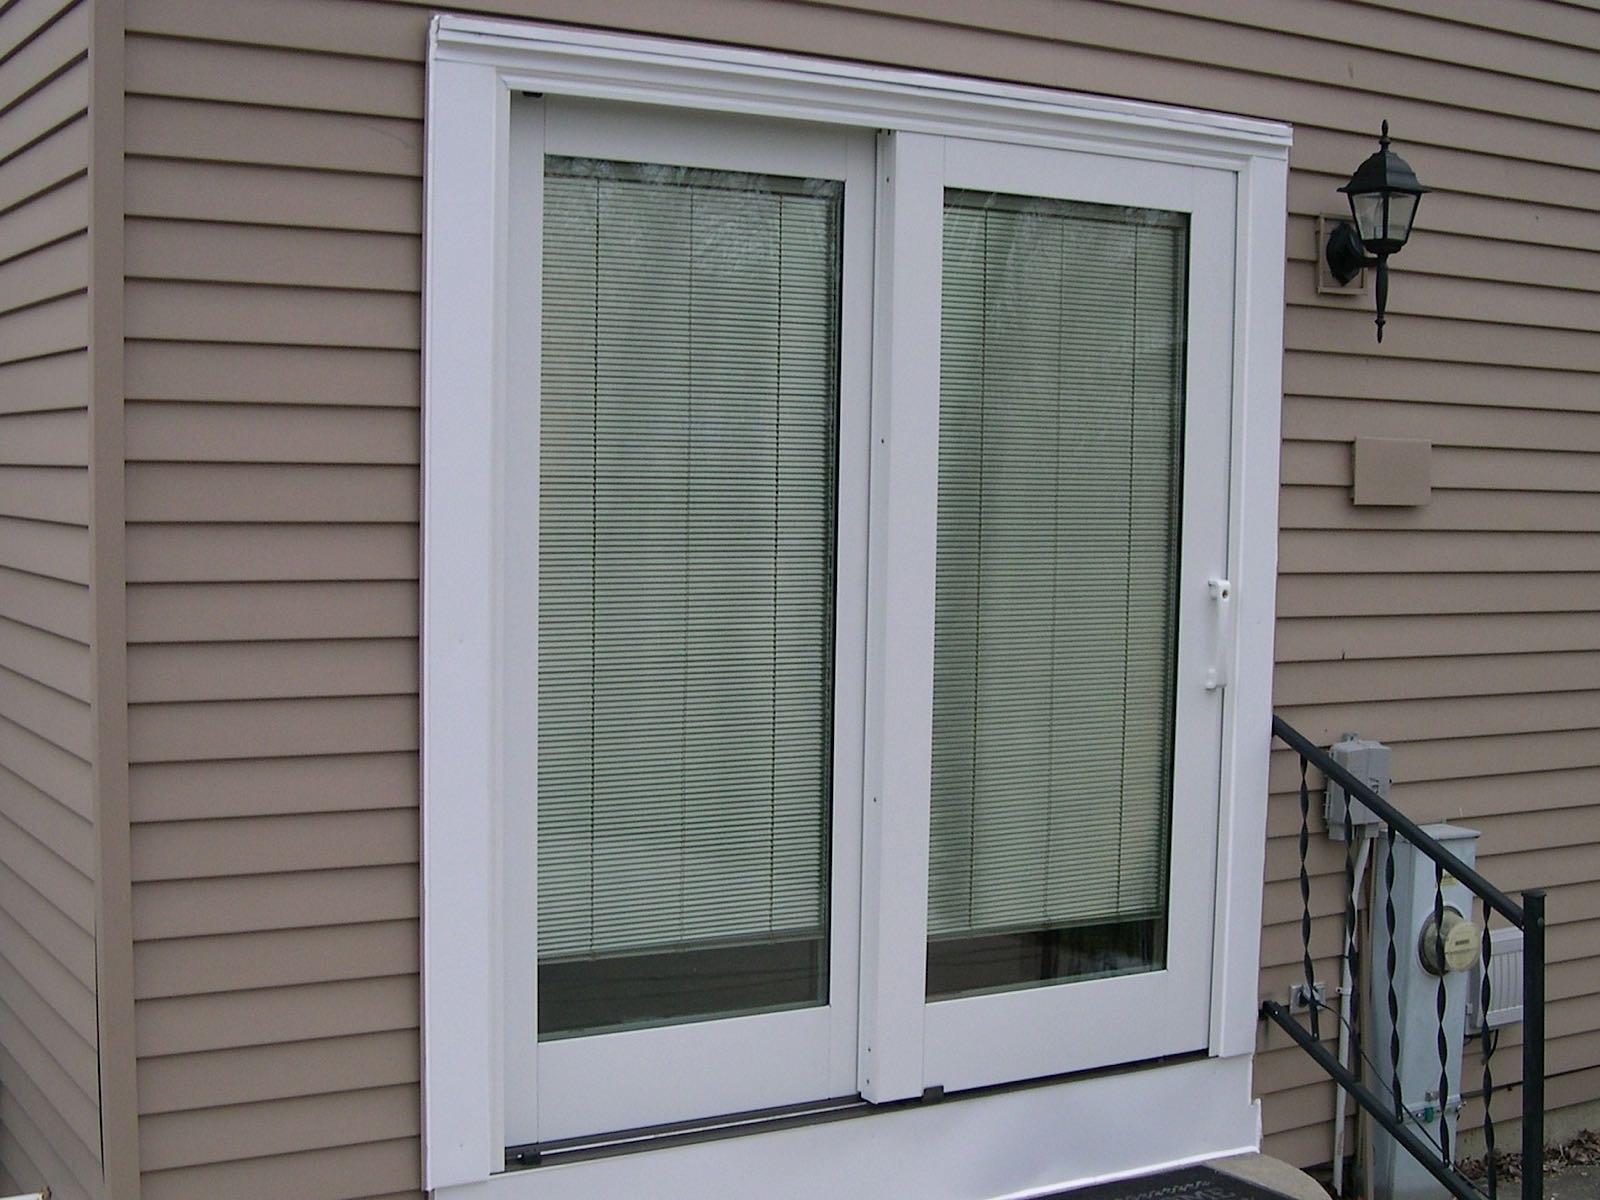 Pella Sliding Glass Door With Blinds Between Glasspatio doors excel windows replacement windows